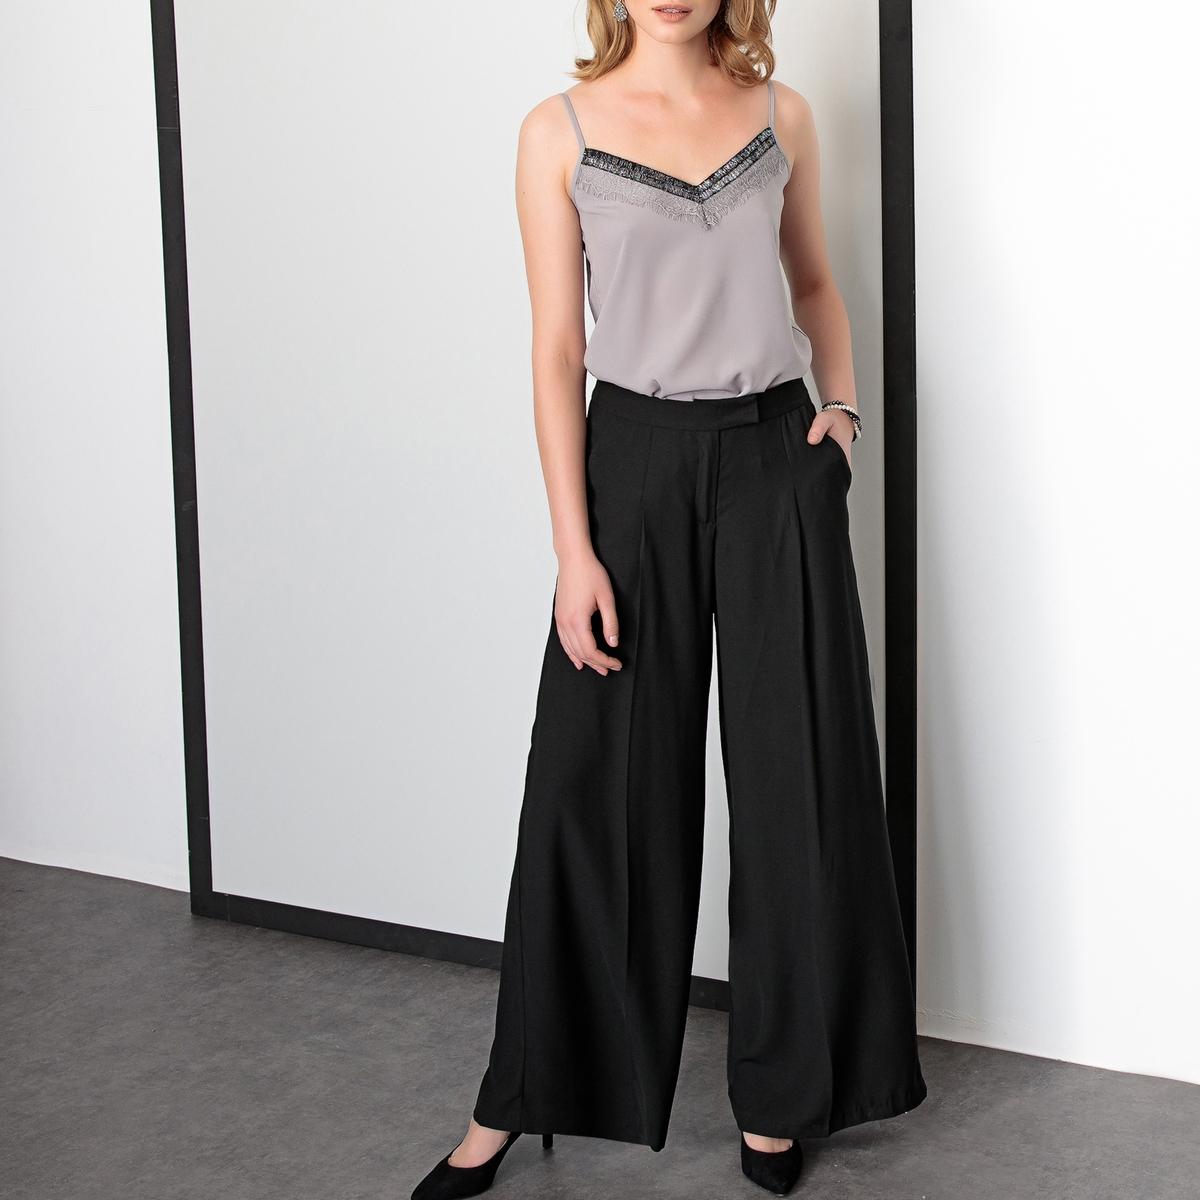 Imagen adicional 2 de producto de Pantalón urbano ancho de sarga stretch - Anne weyburn